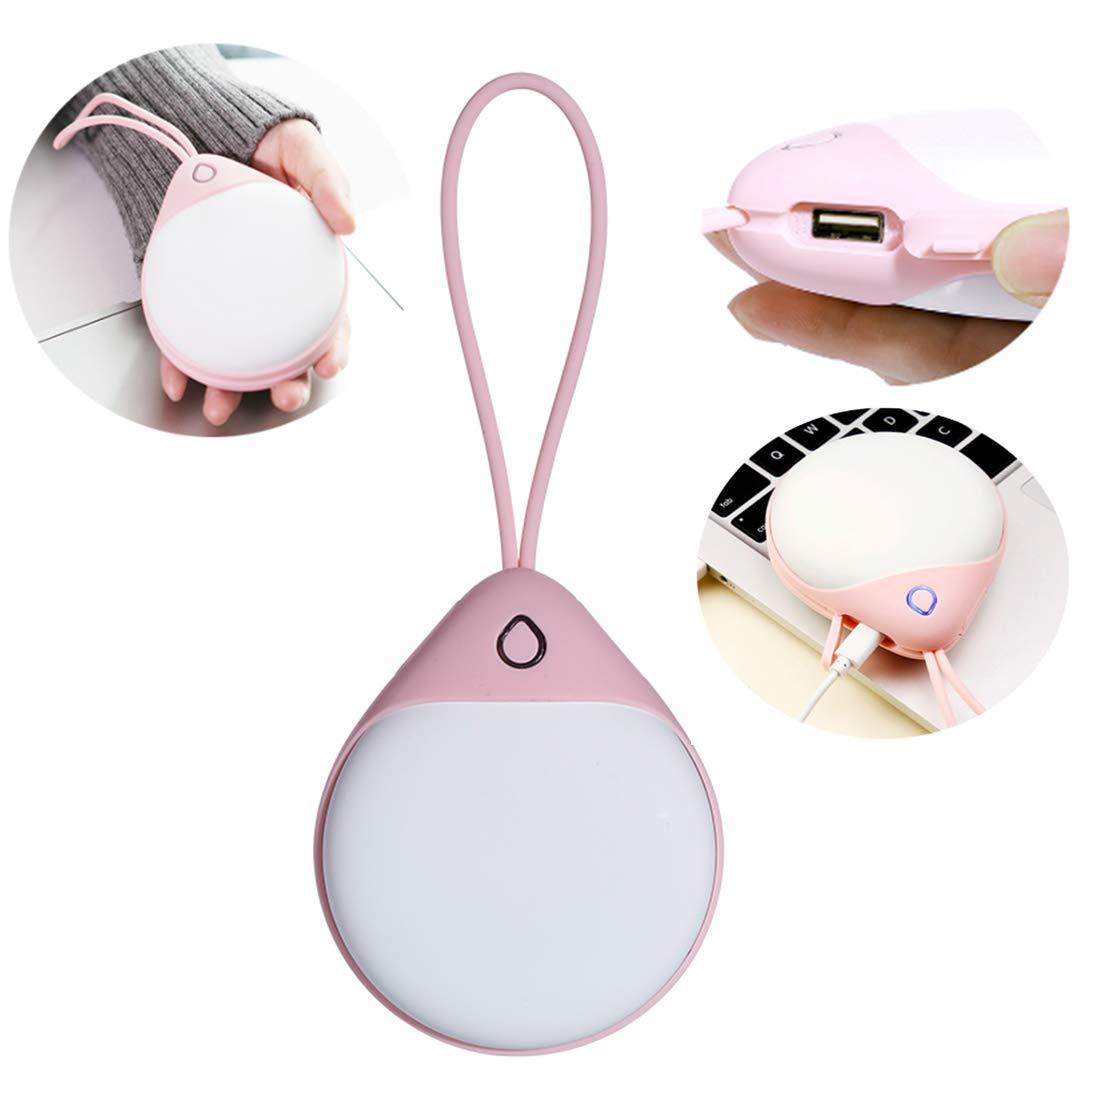 WANZIJING 2018 Innovative Mini Wassertropfen Handwärmer Hohe Kapazität 6000mAh Energienbank Cute Portable 2 in 1 Wiederaufladbare USB, elektrische Heizung Schatz